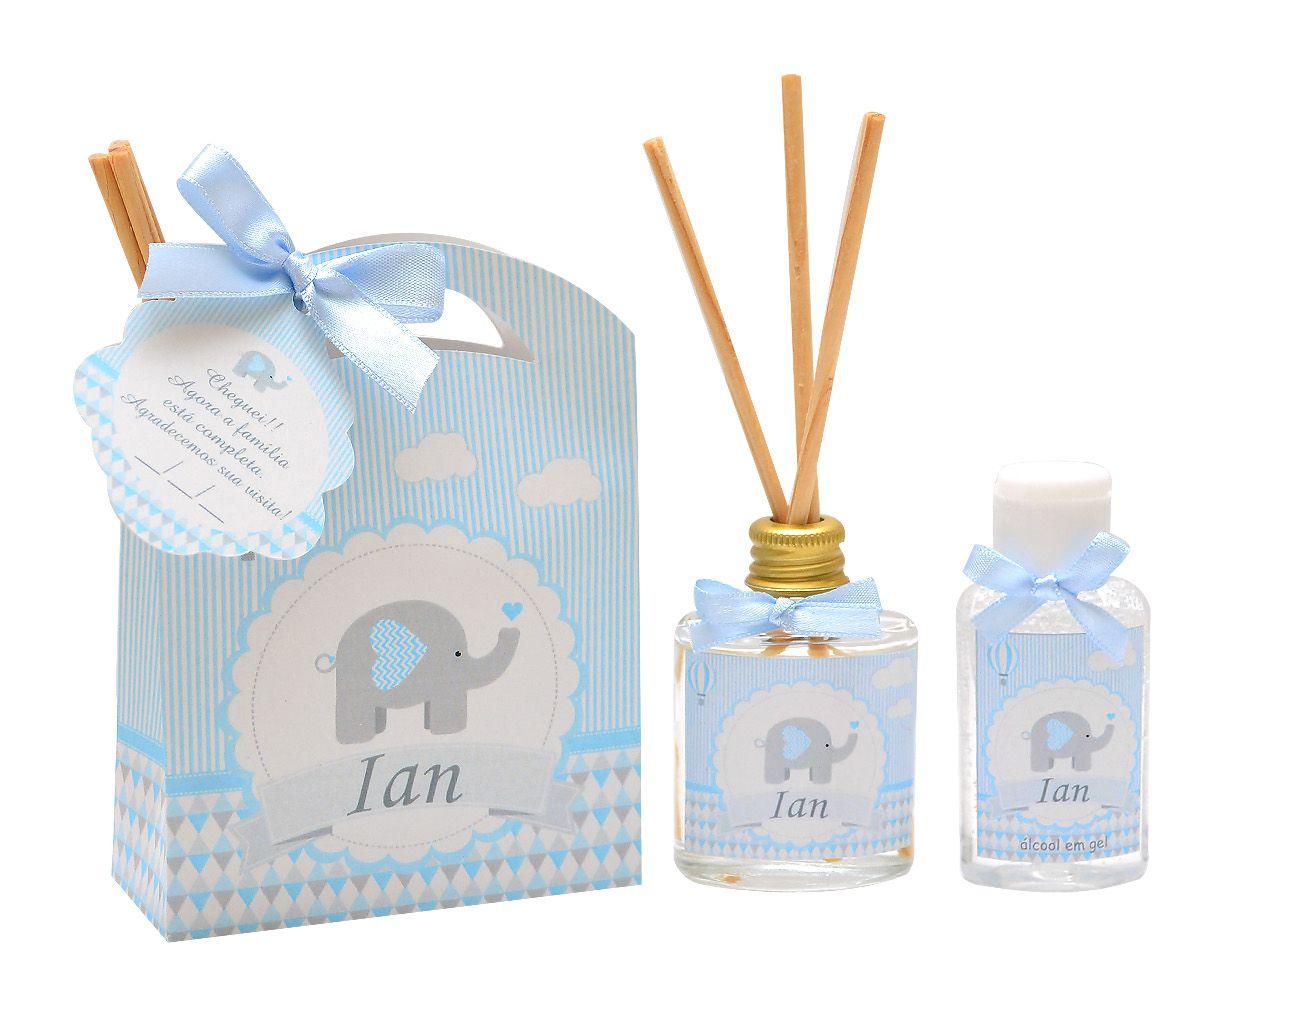 Lembrancinhas personalizadas caixinha com difusor e ambiente e álcool em gel tema elefantinho  - Valentina Milan Lembrancinhas